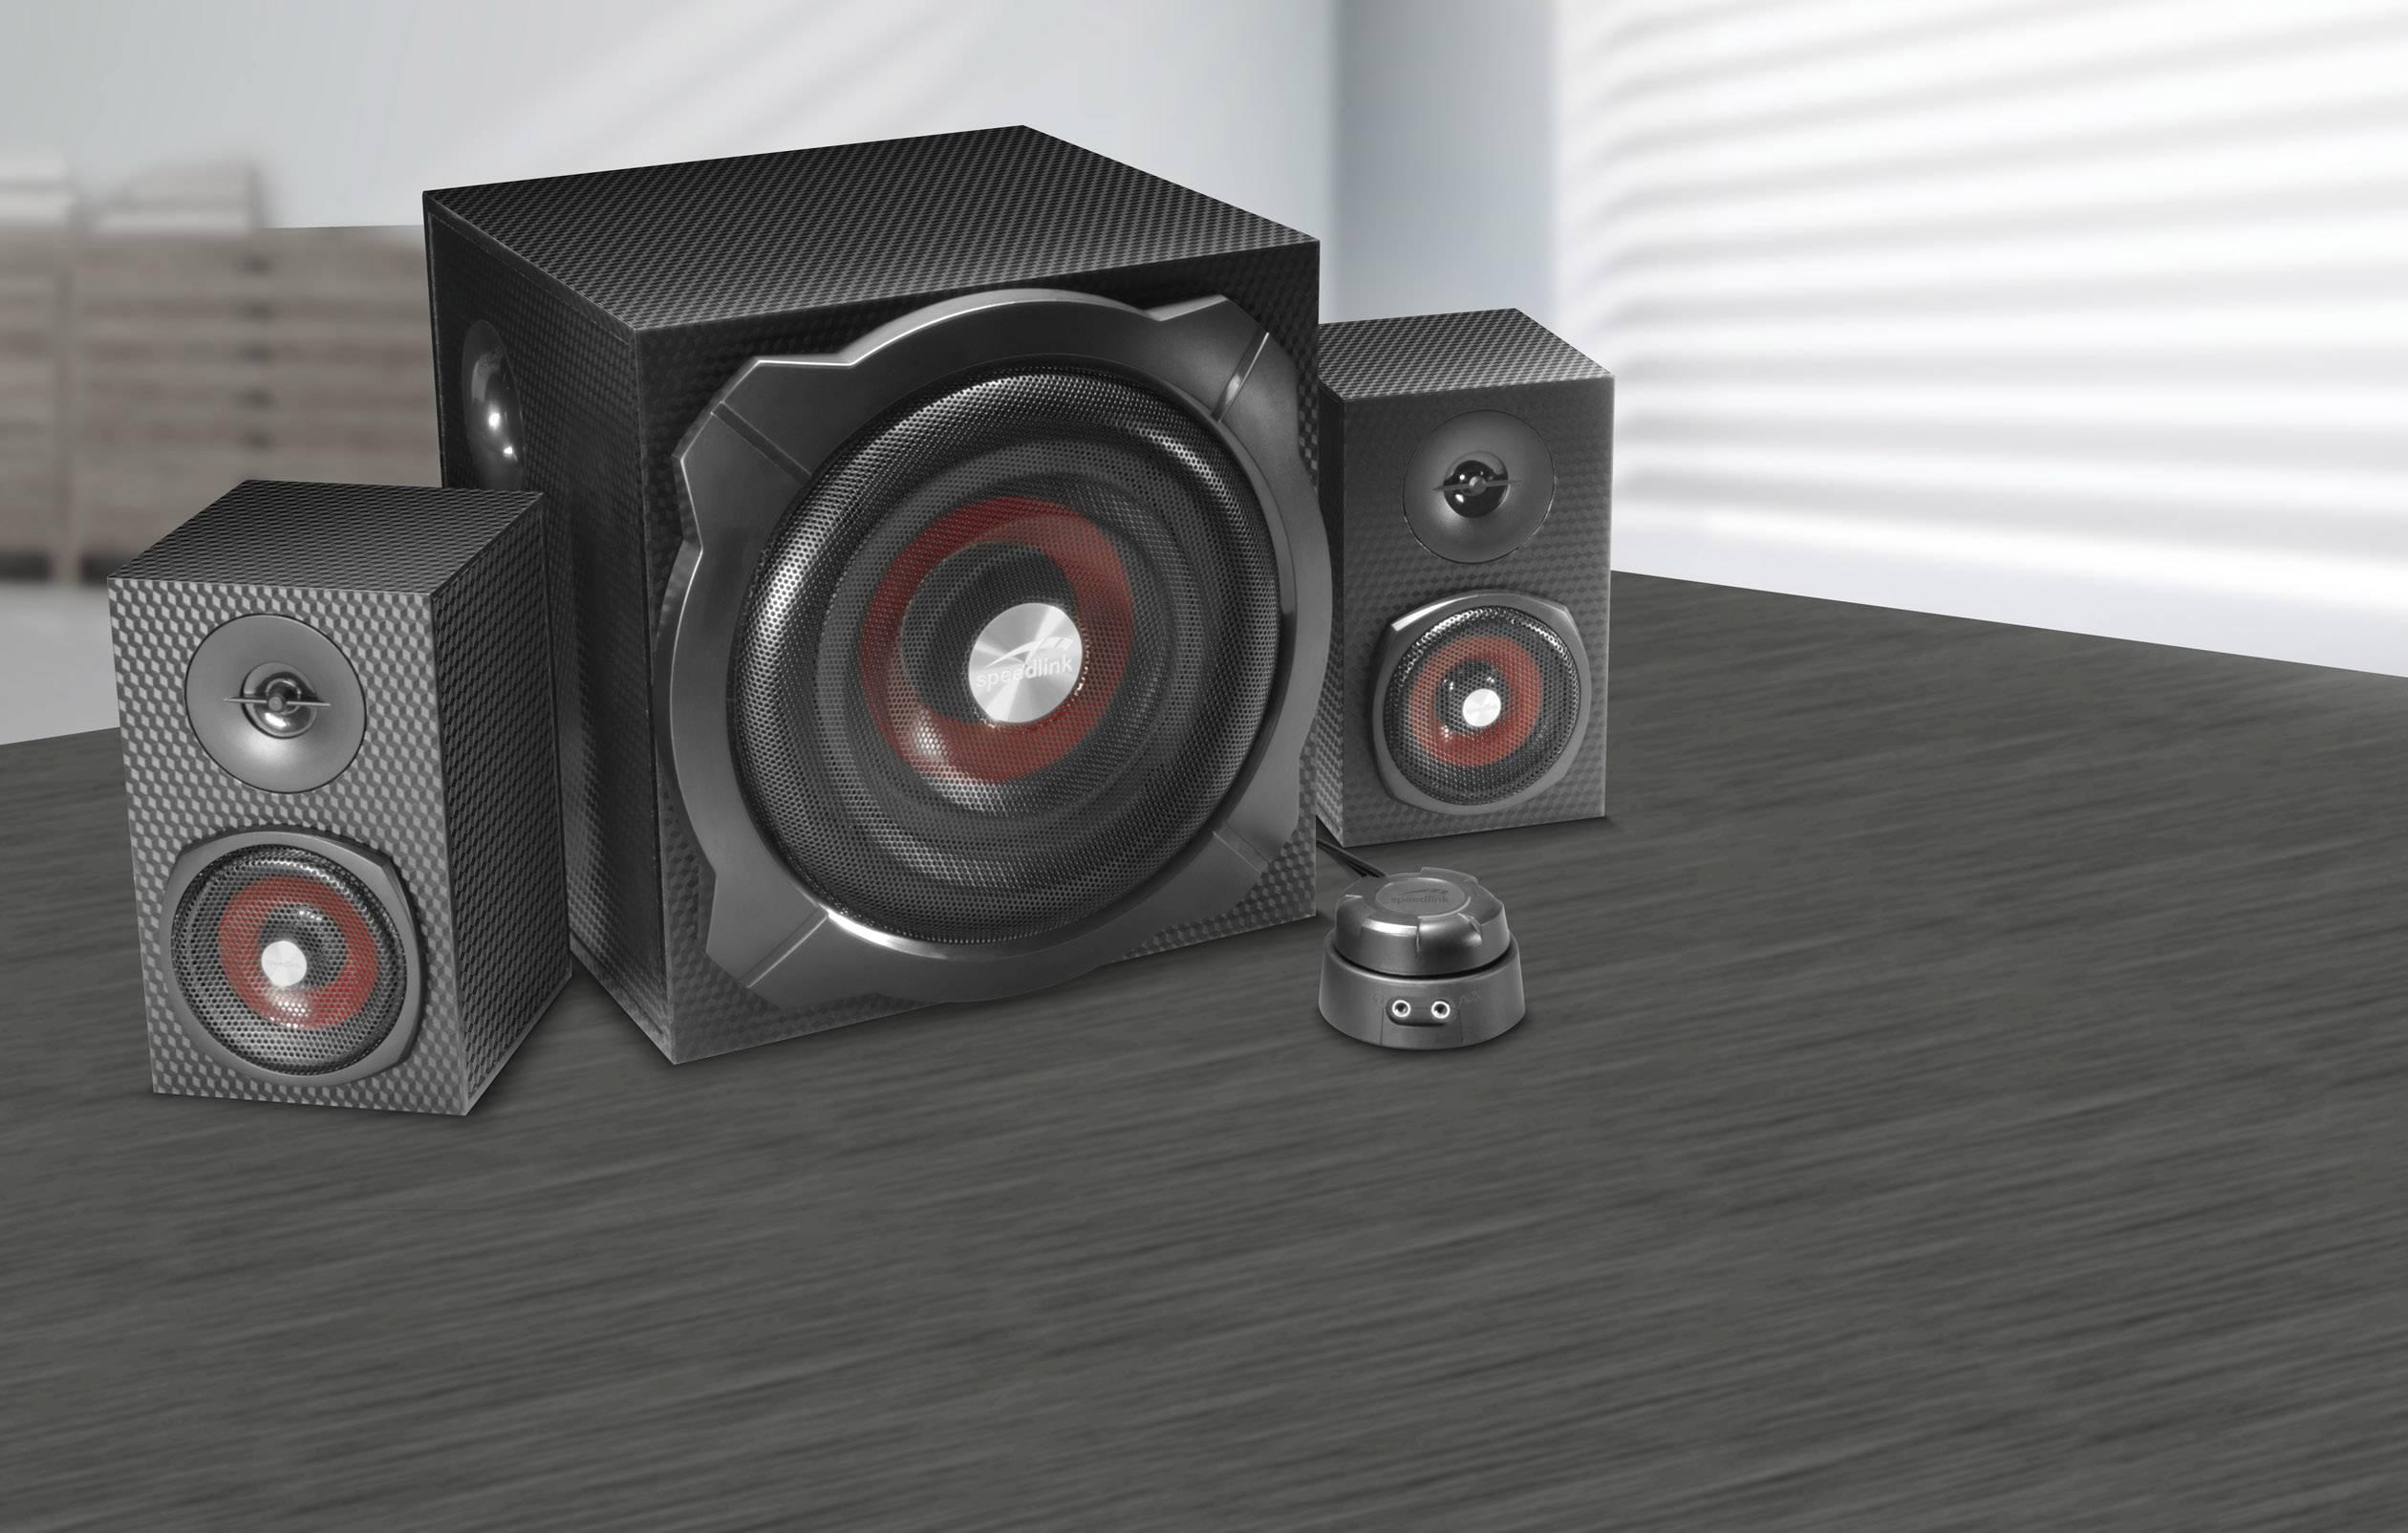 Black Gravity Carbon 2.1 Subwoofer System